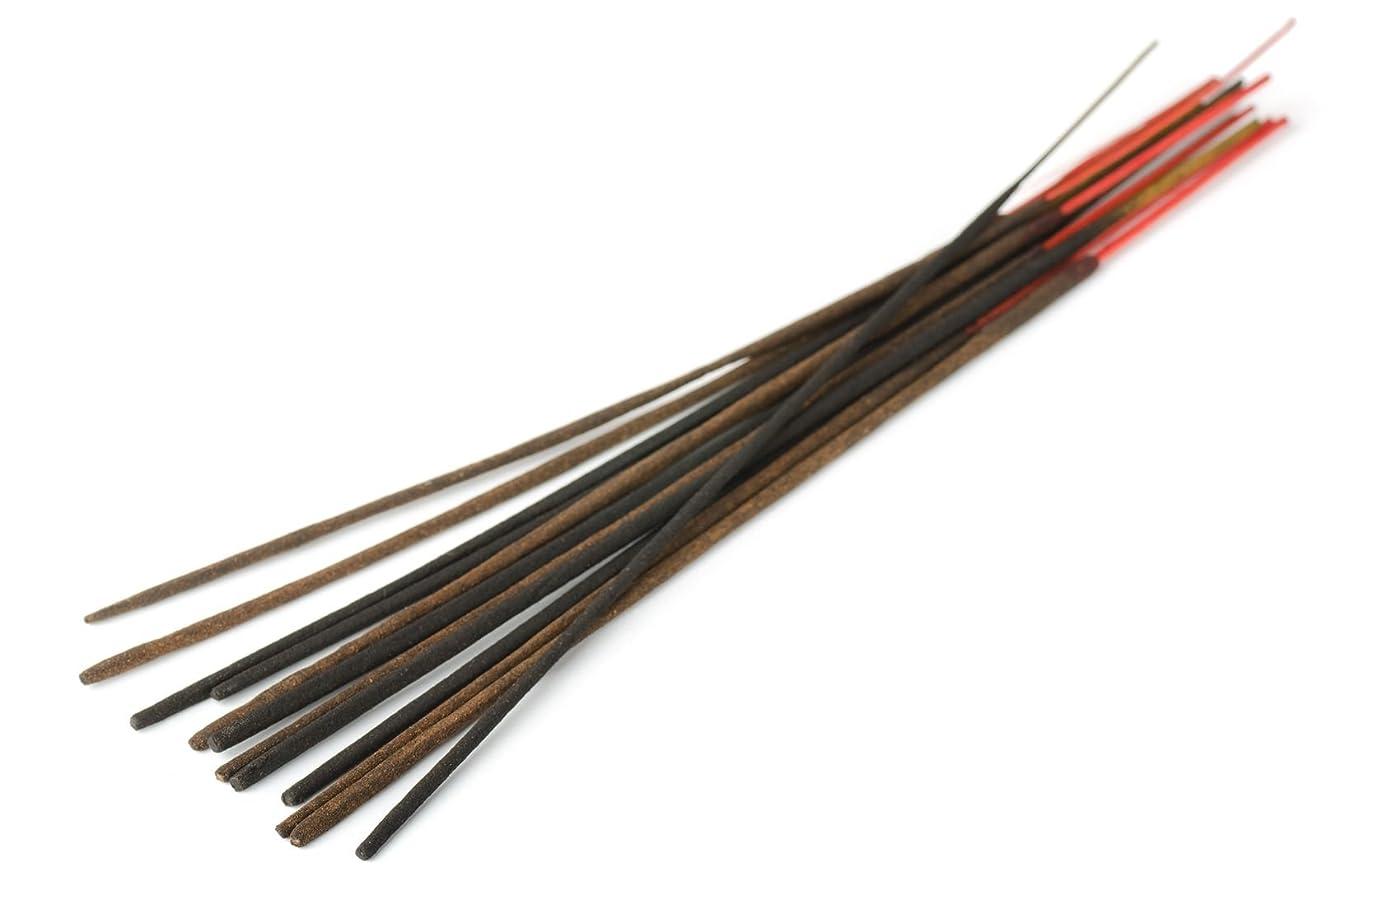 プレミアムハンドメイドすべてSpice Incense Stickバンドル?–?90?to 100?Sticks Perバンドル?–?各スティックは11.5インチ、には滑らかなクリーンBurn